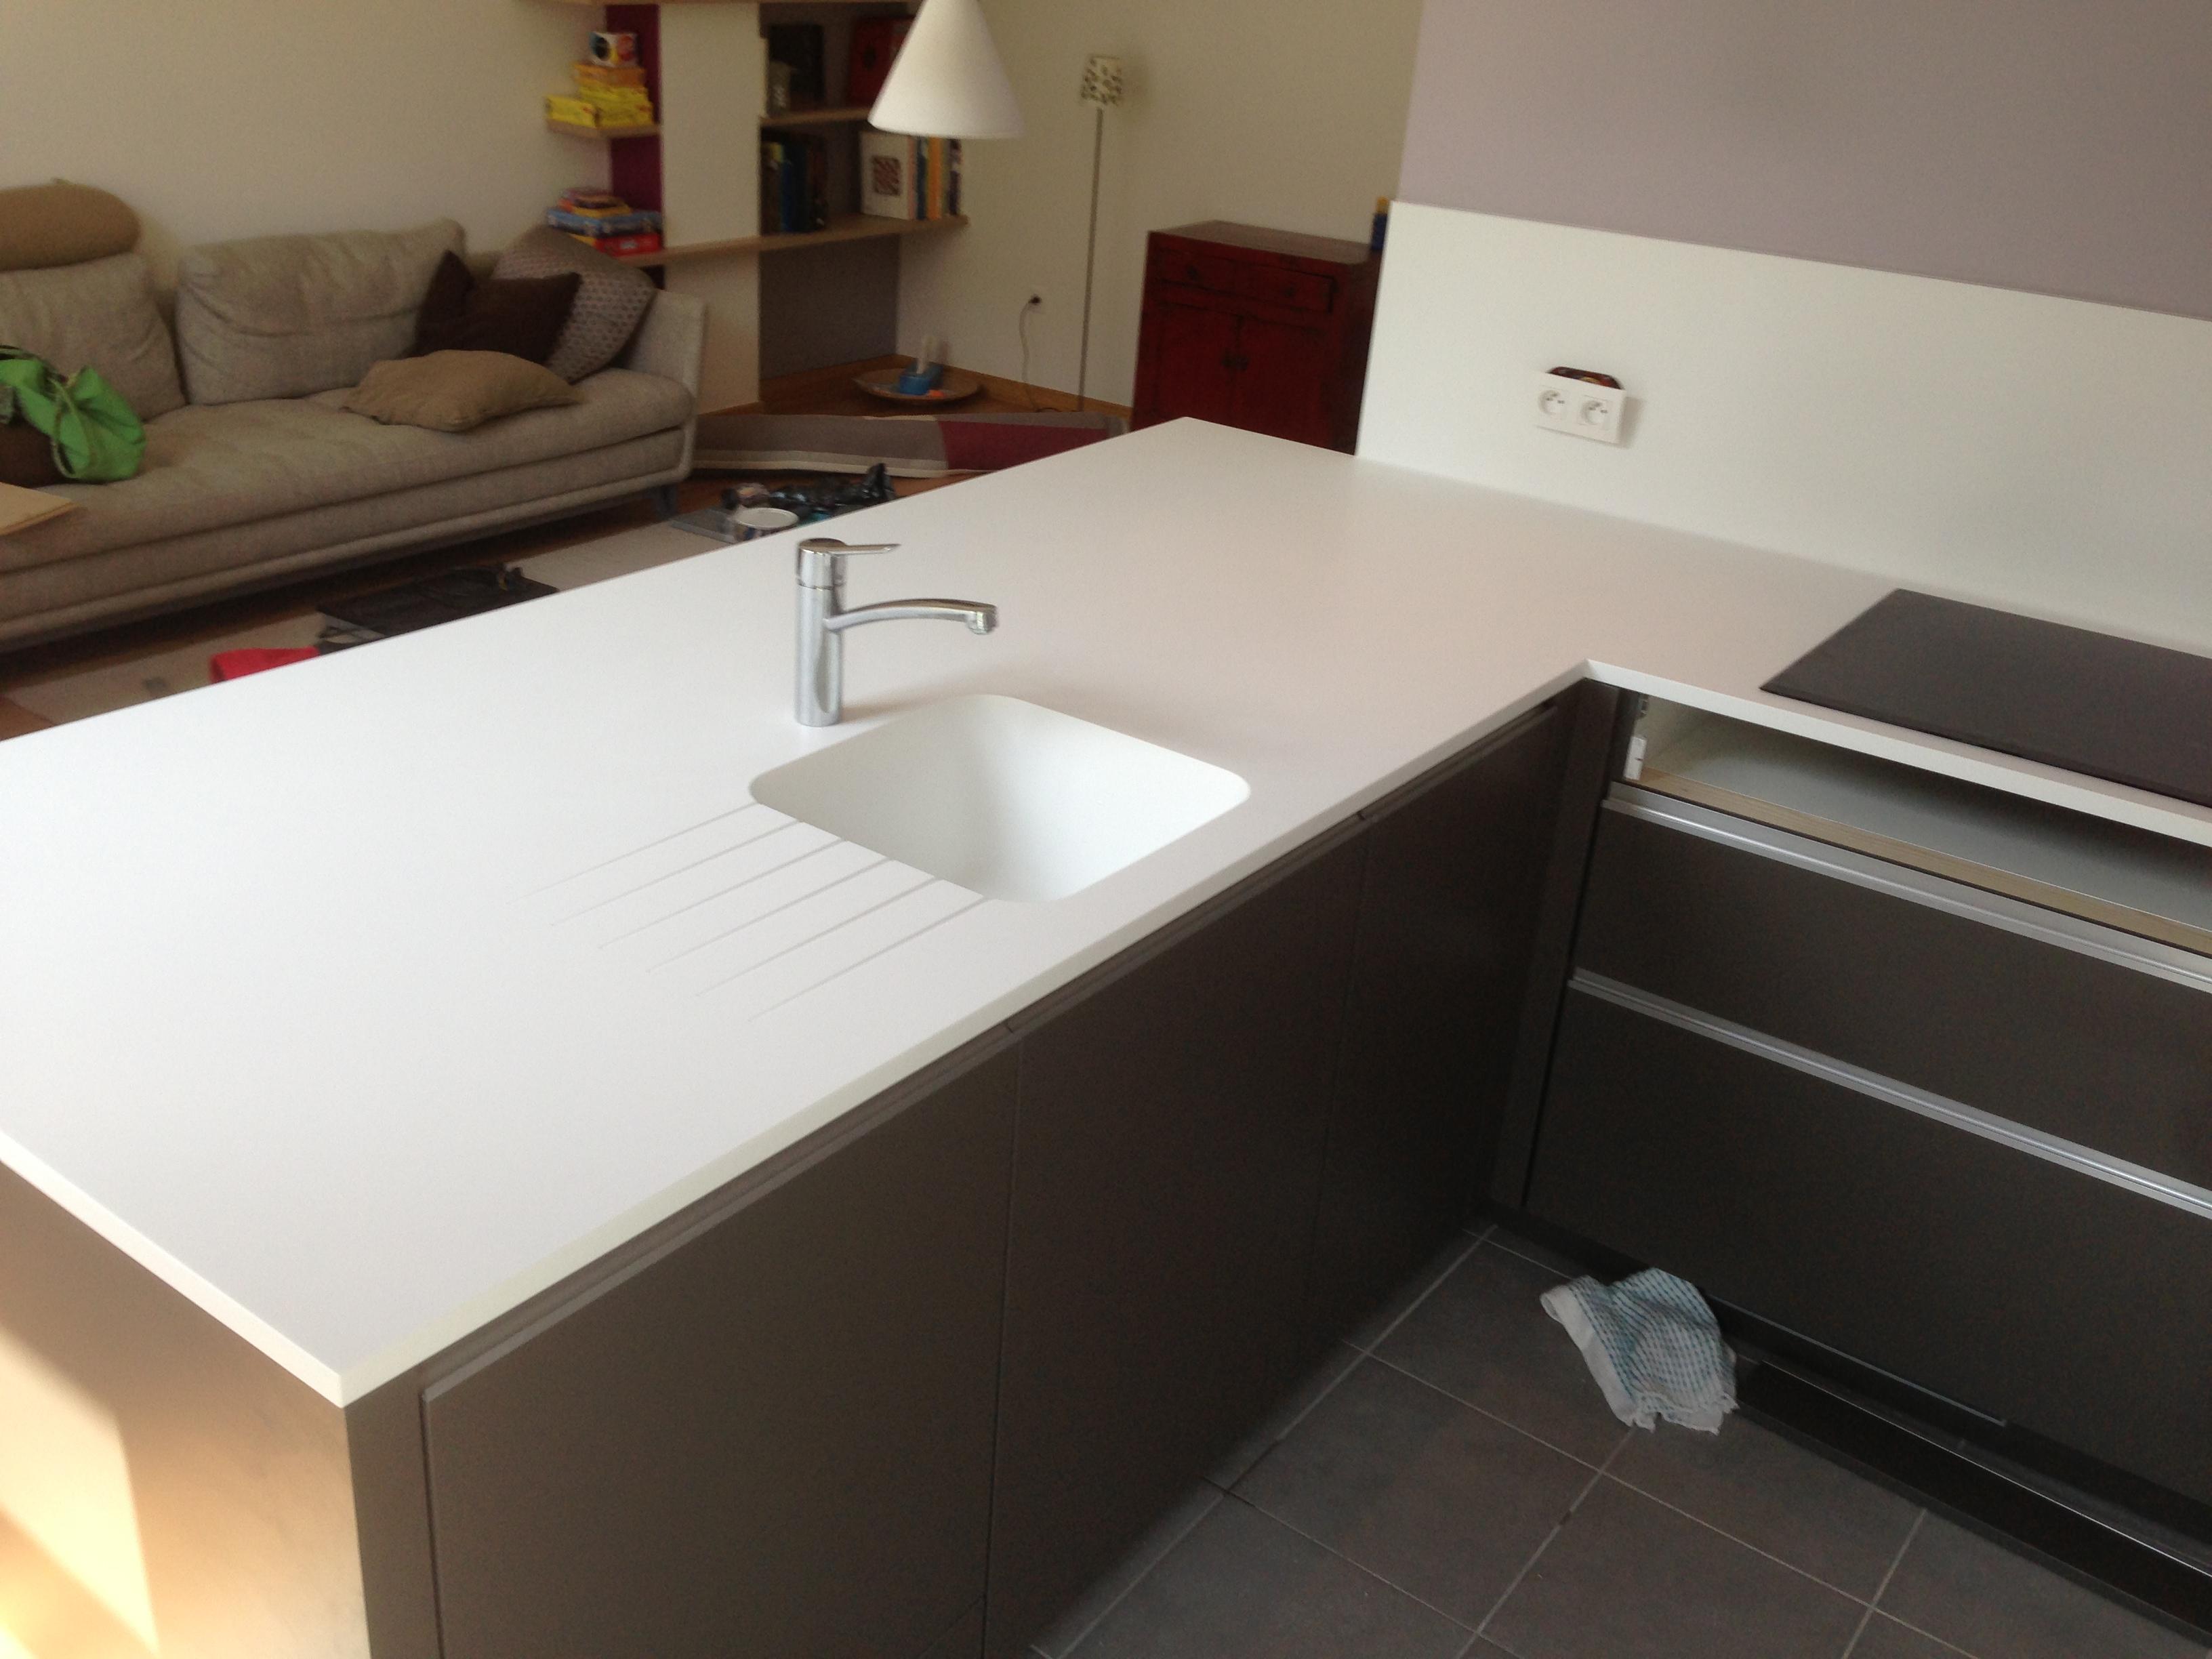 plan de travail granit quartz table en mabre paris essonne corian sur mesure paris. Black Bedroom Furniture Sets. Home Design Ideas